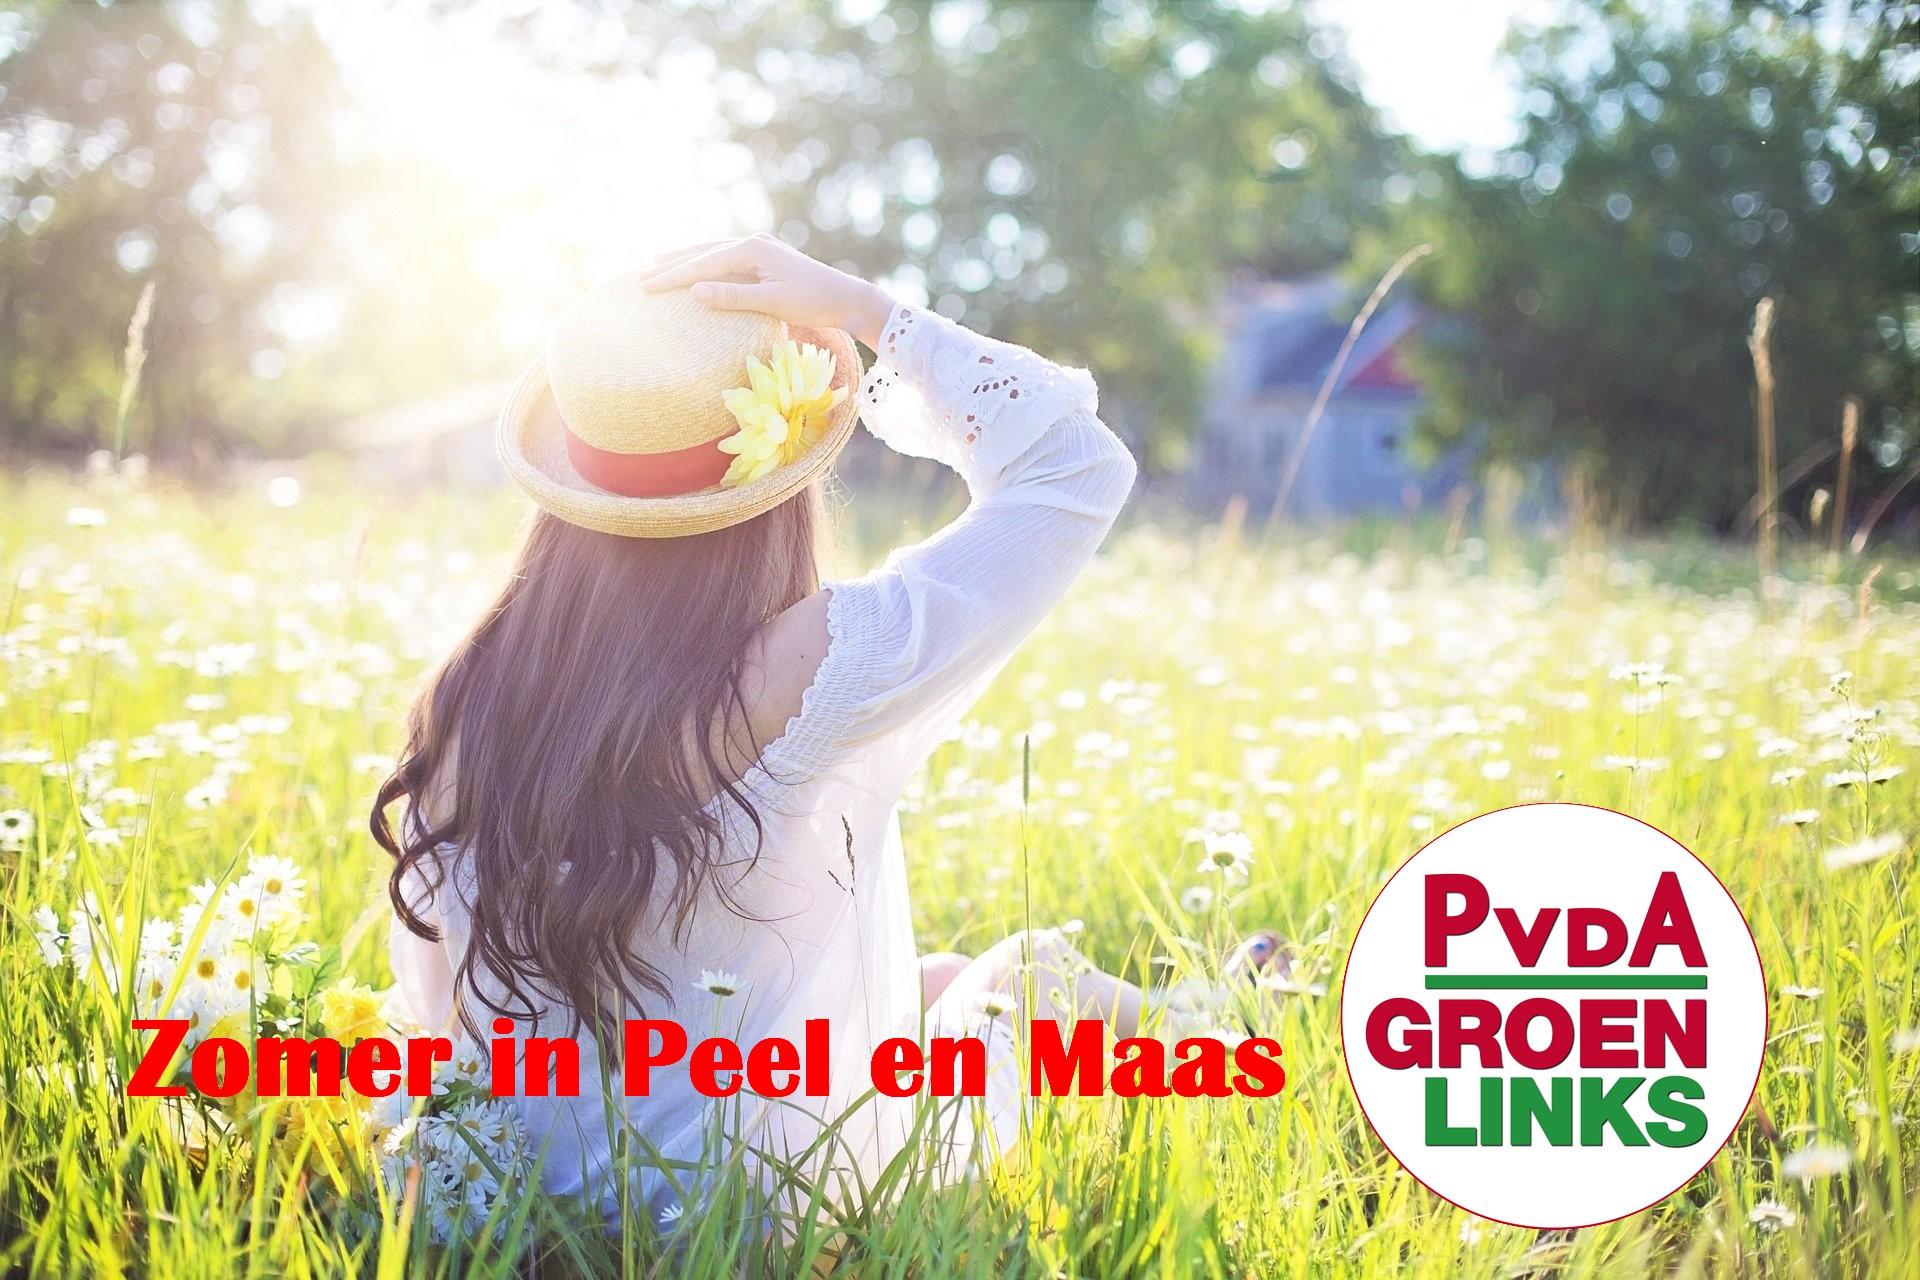 https://pvdagroenlinks.nl/zomer-in-peel-en-maas/